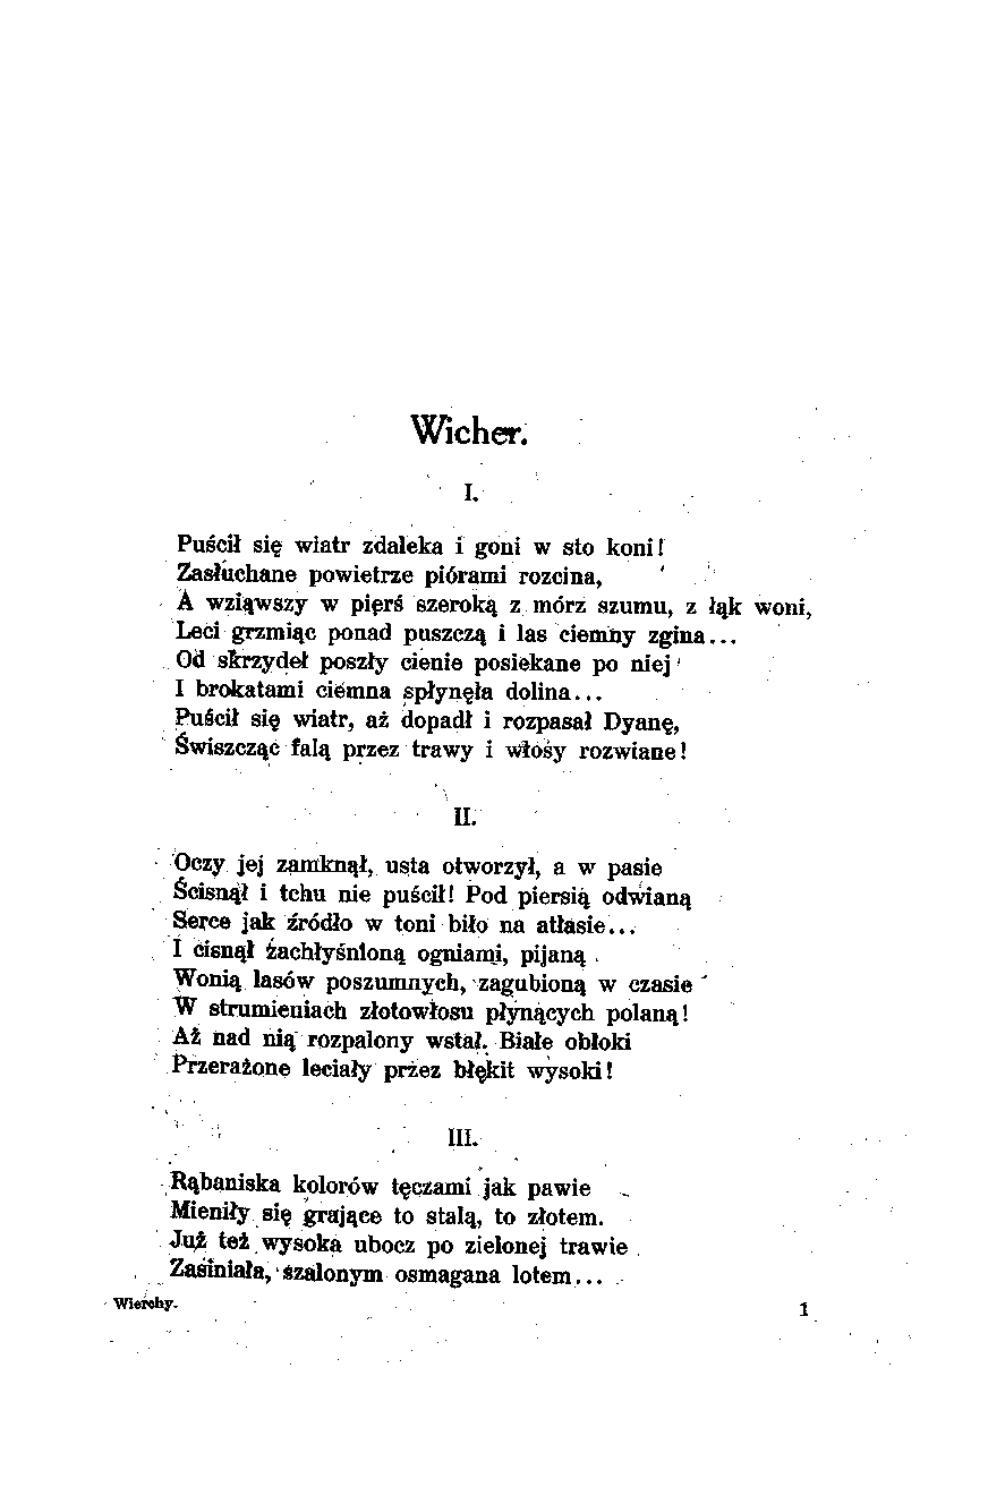 01 Pawlikowski Jan Gwalbert Red Wierchy R 1 1923